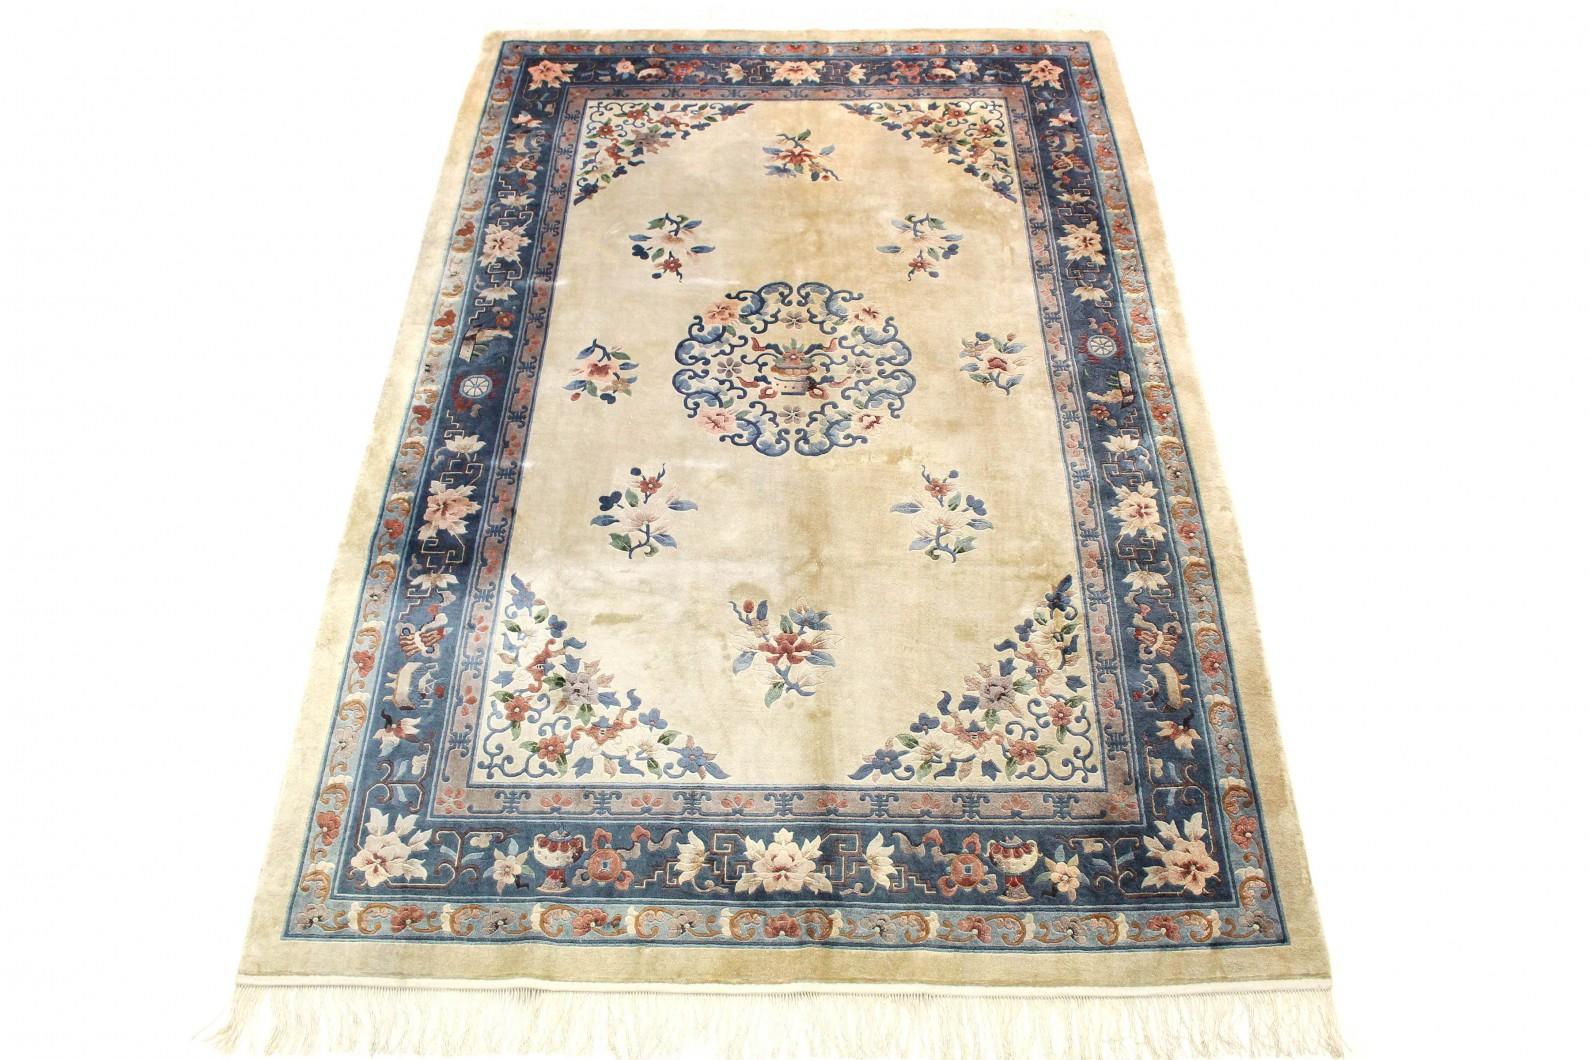 Klassischer Vintage-Teppich China in 300x200 (1 / 9)